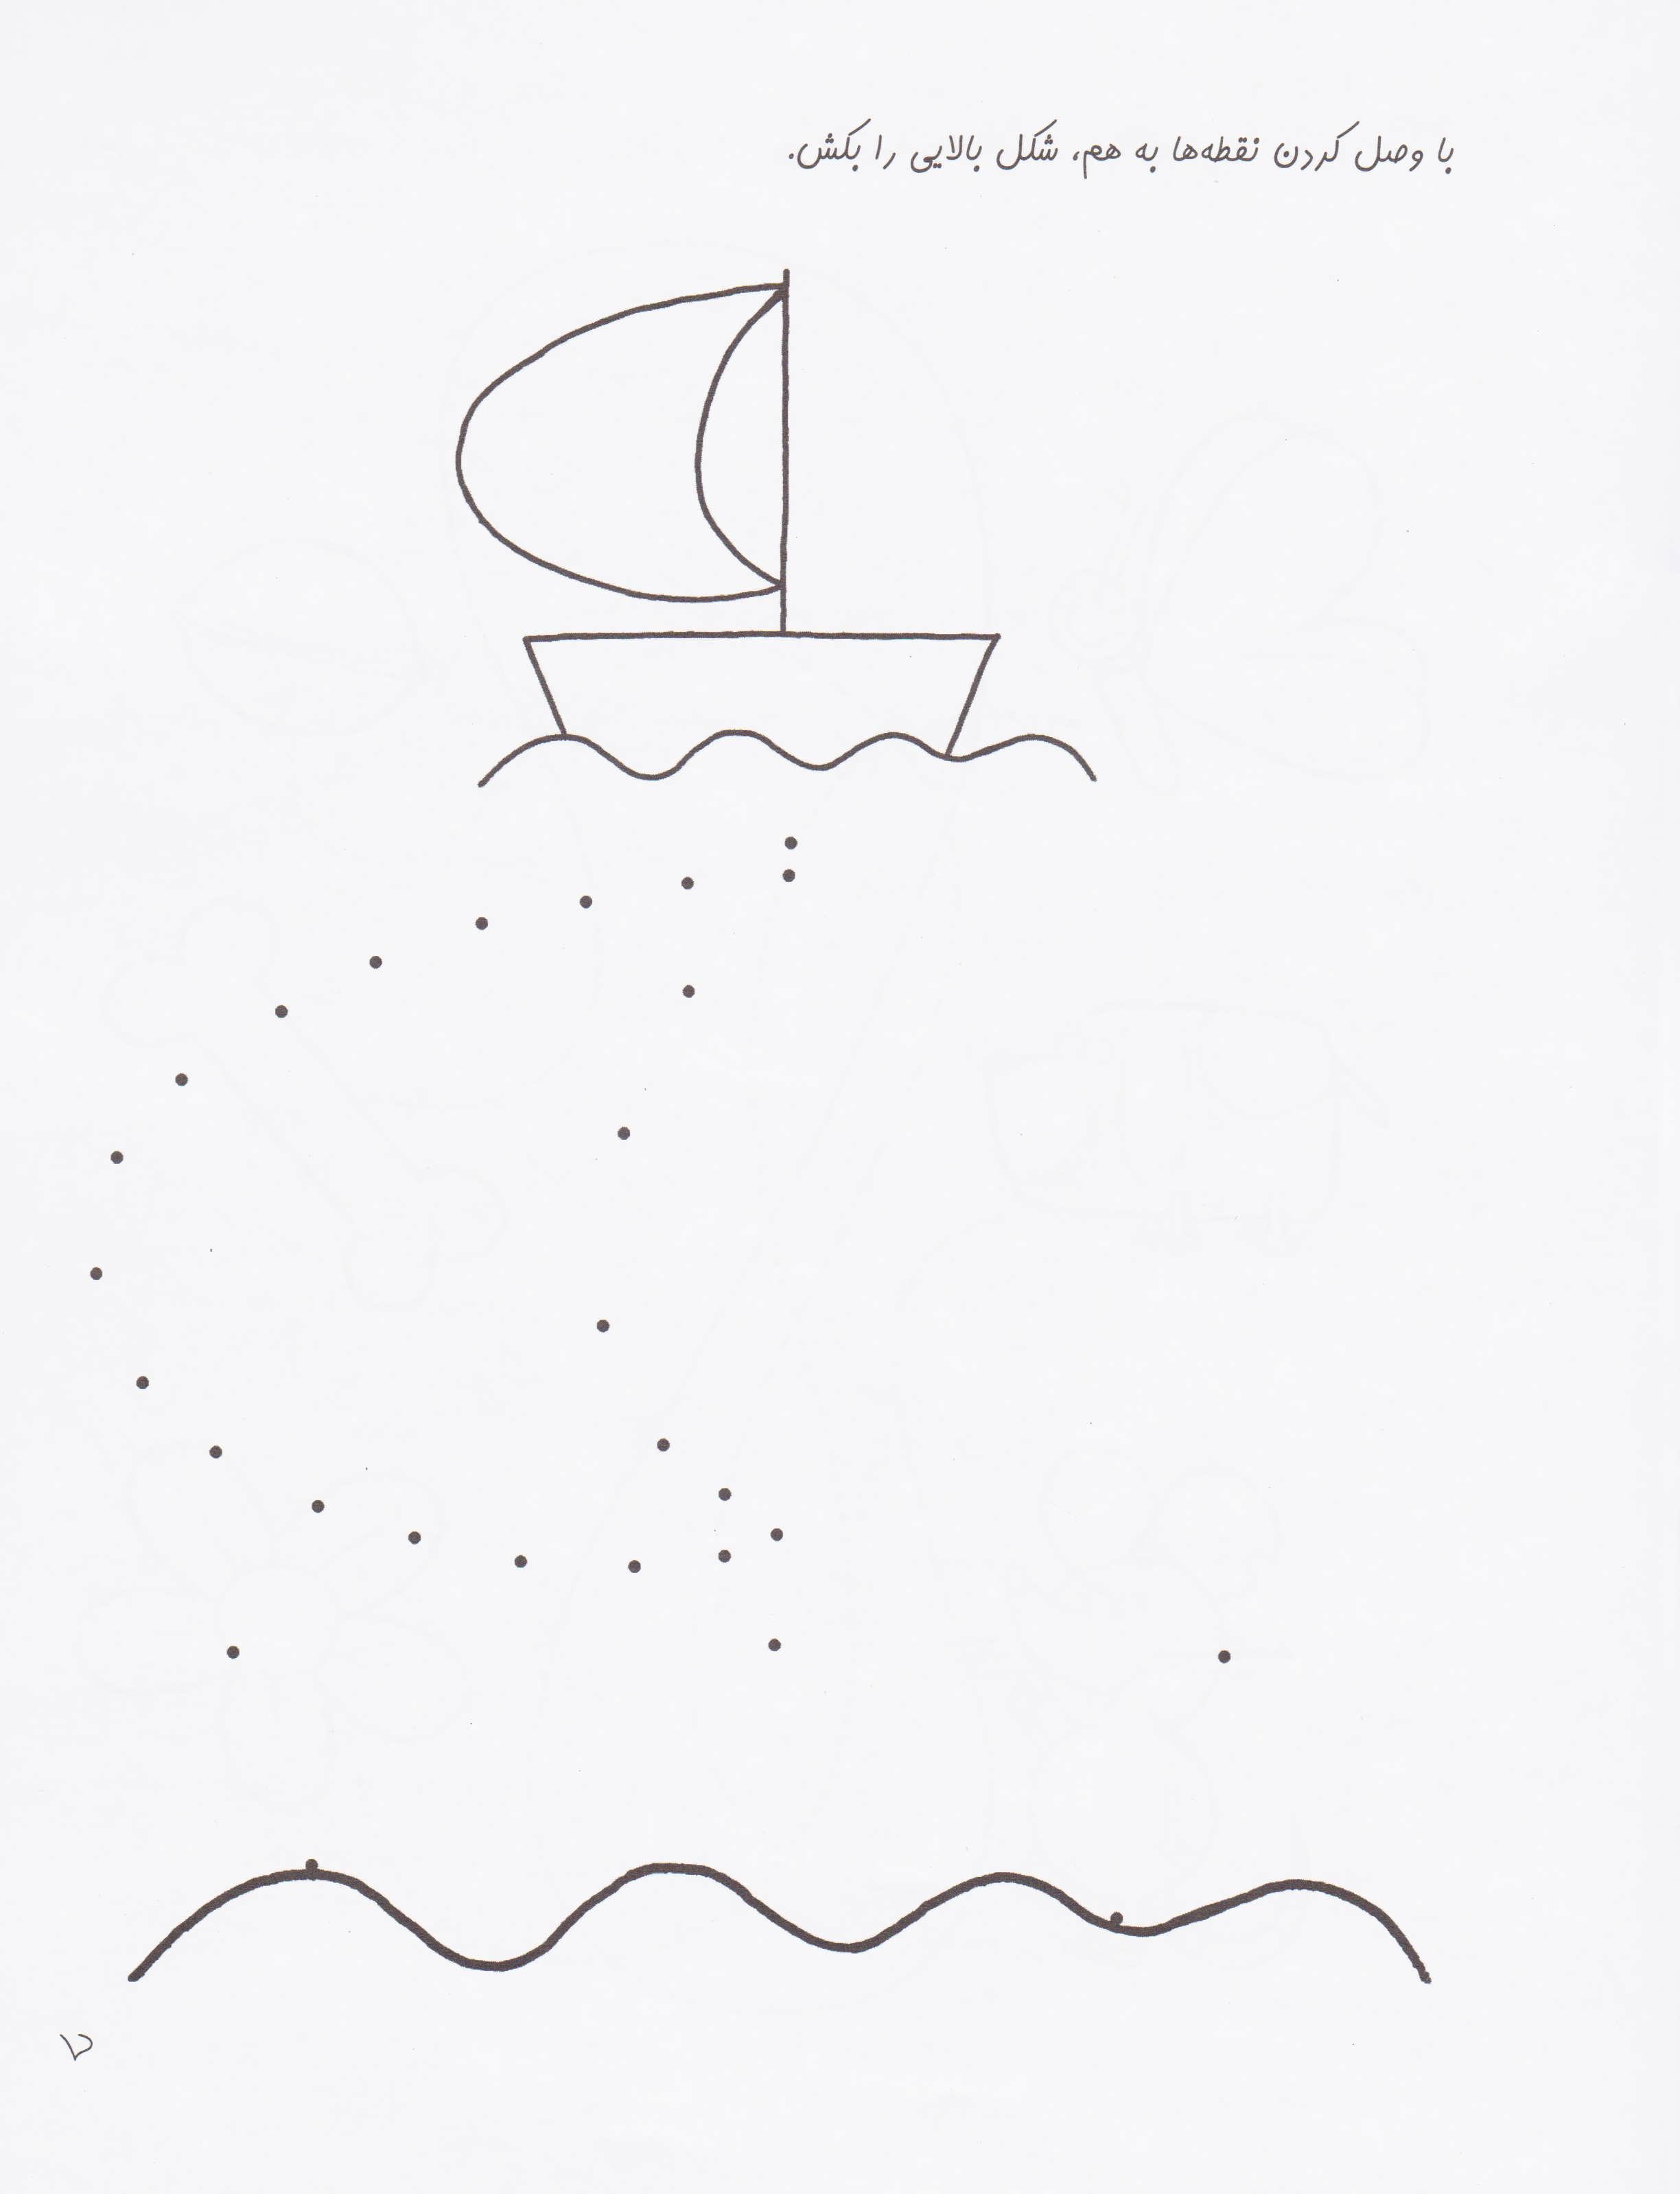 کتاب های پیش آمادگی15 (کودک و مفاهیم (نقطه،خط))،(واحد کار:نقطه و خط)